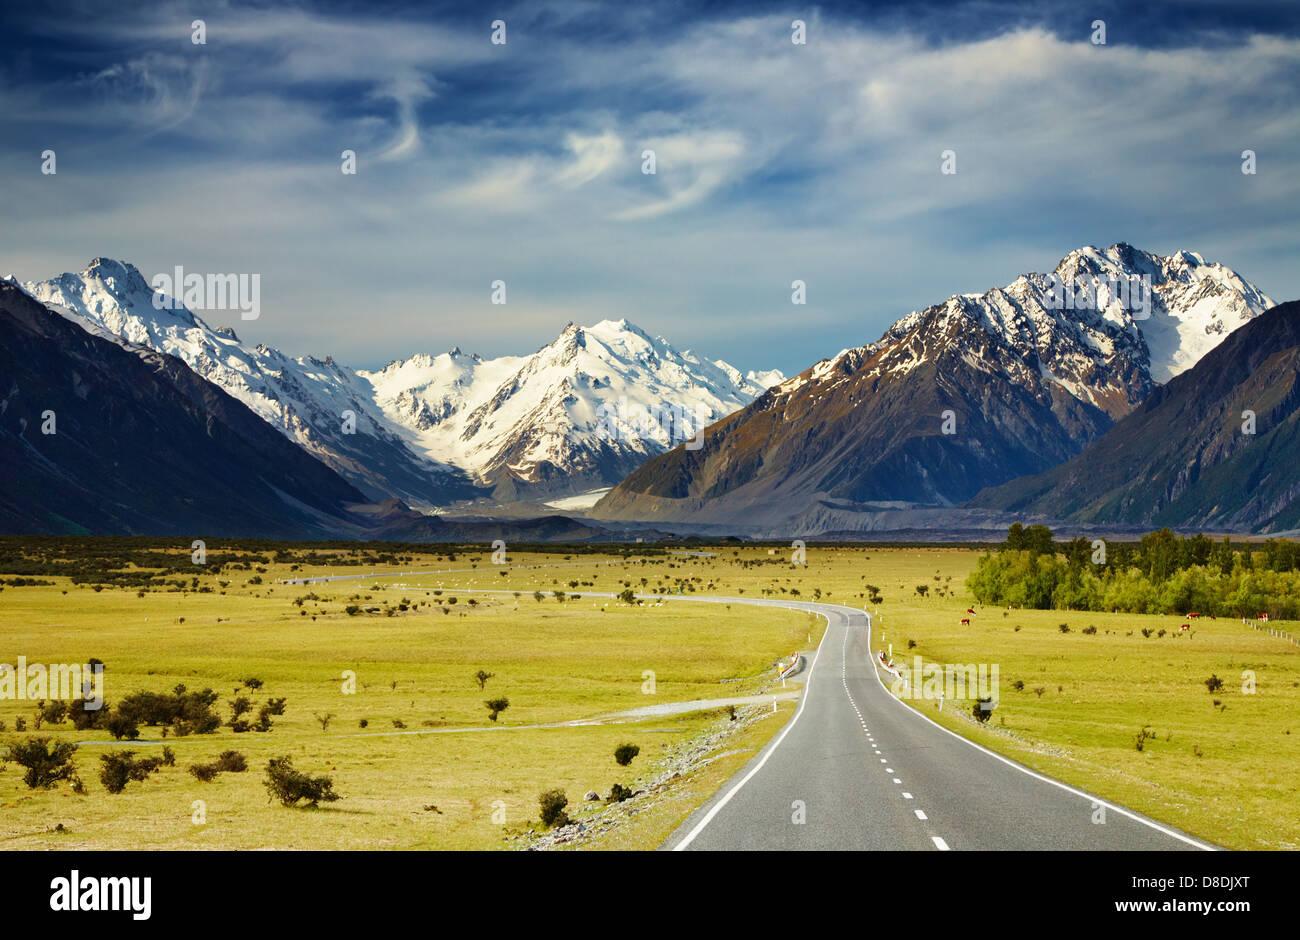 Paysage avec road et de montagnes enneigées, Alpes du Sud, Nouvelle-Zélande Photo Stock